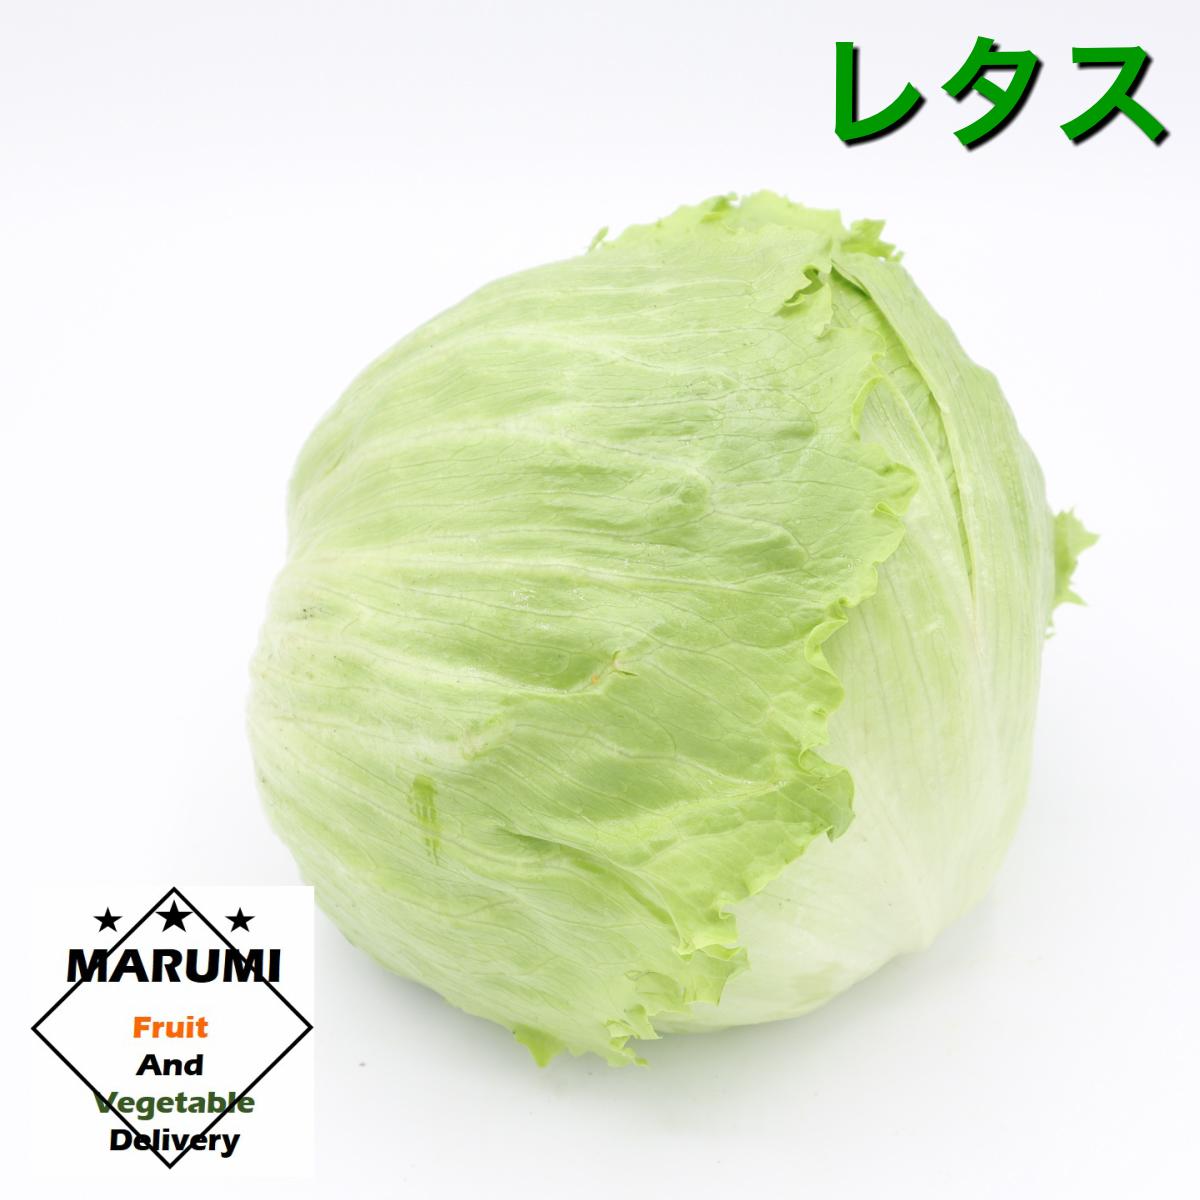 安心 安全の野菜をお届けします 賜物 レタス1玉 セット野菜と同時購入で送料無料 長野 茨城 千葉 静岡 お見舞い